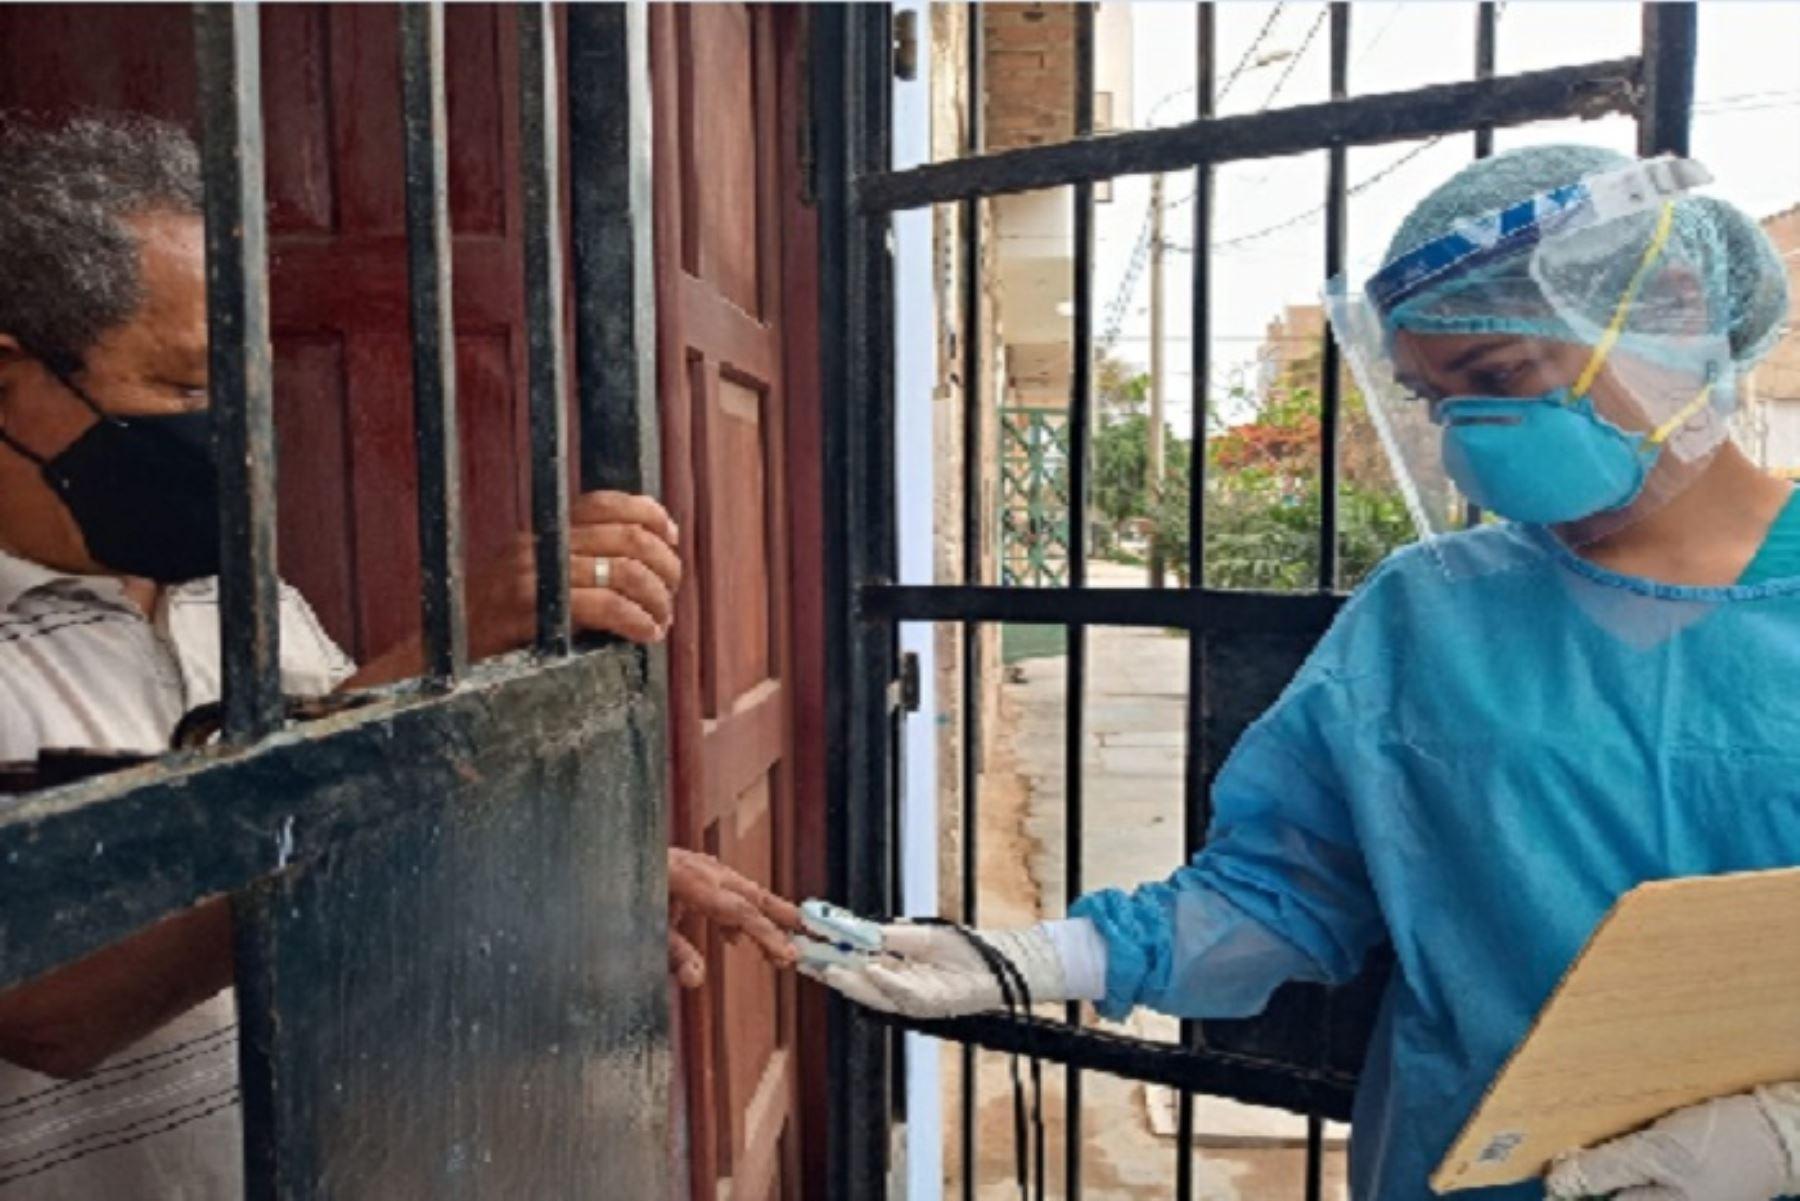 Los profesionales de salud - entre médicos, biólogos y enfermeras- visitan los sectores críticos donde según información de la Oficina de Inteligencia Sanitaria de la Red se ha reportado la mayor incidencia de contagios.